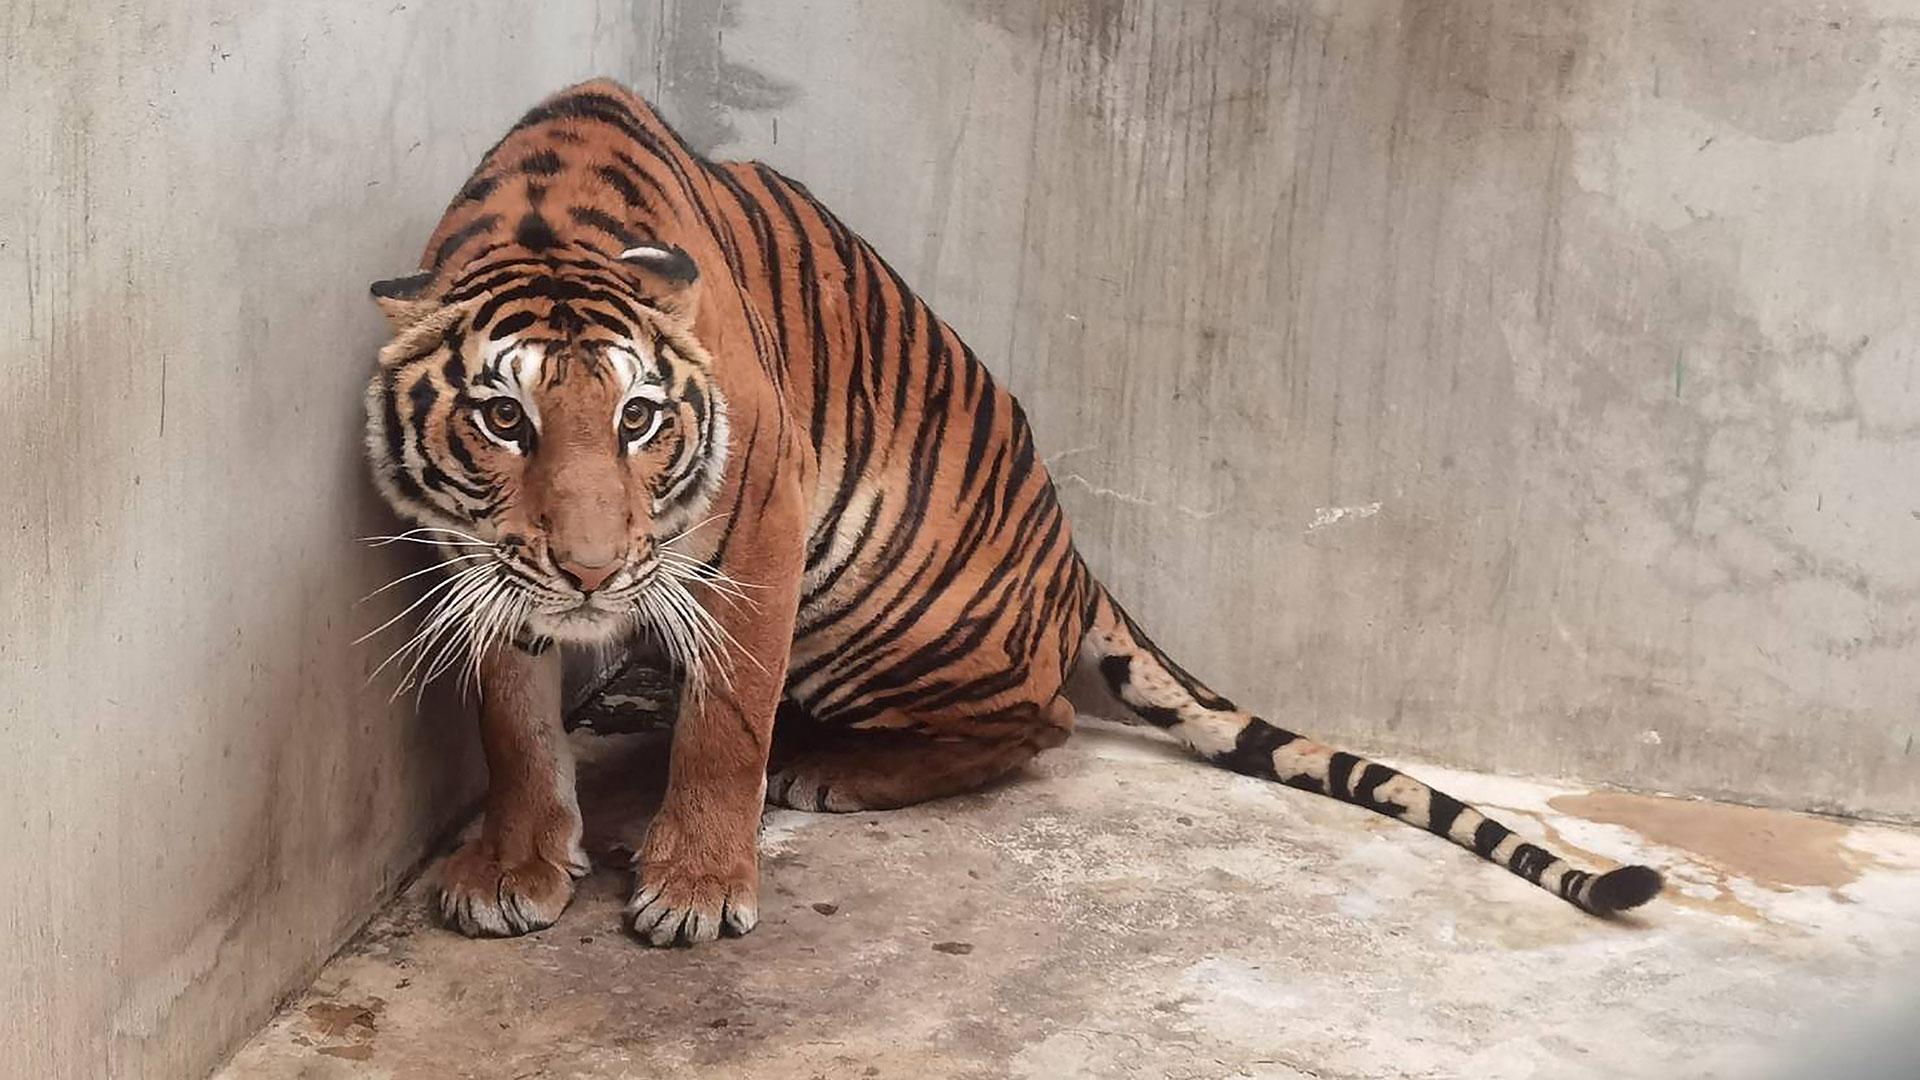 Tiger in Tigerfarm